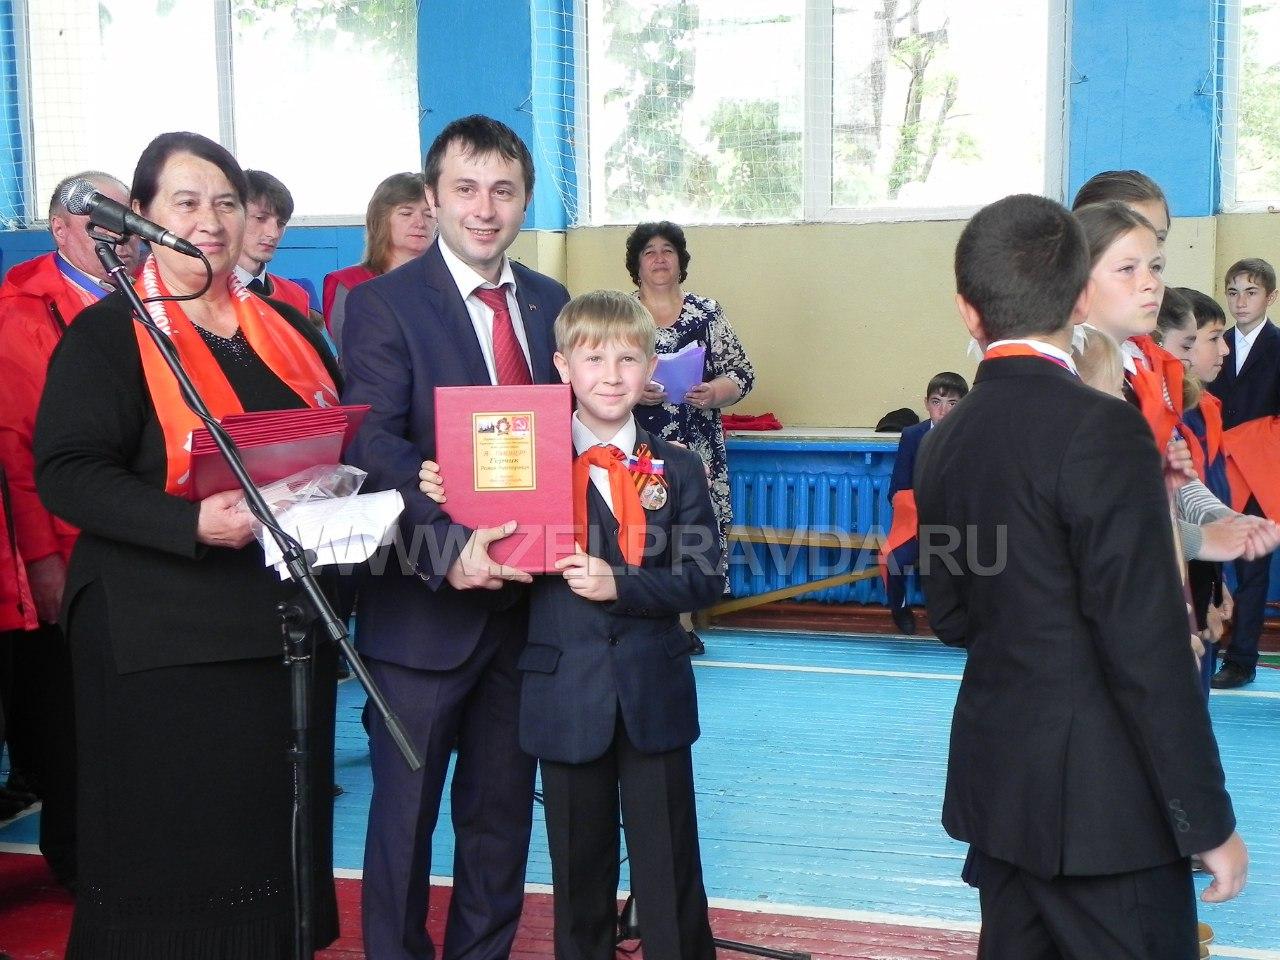 Более 300 школьников из Зеленчукского района вступили в ряды пионеров